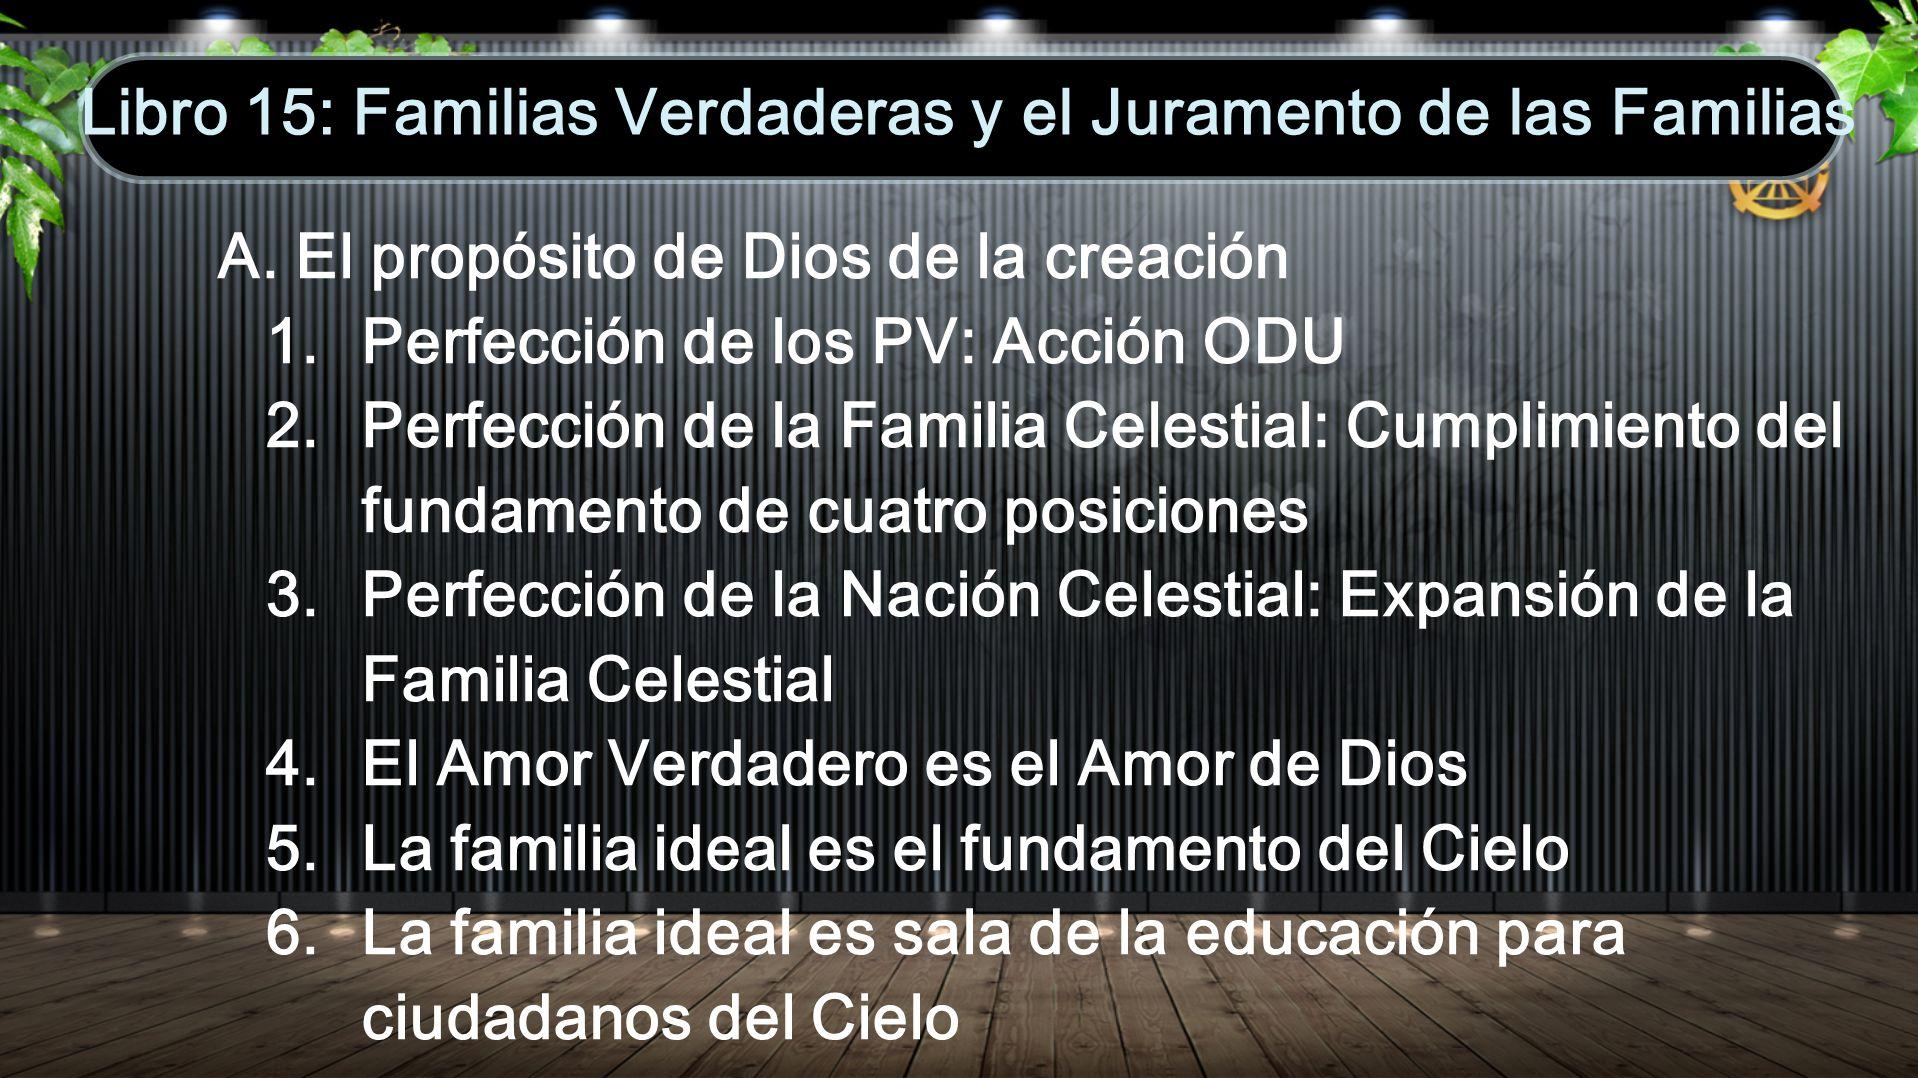 A. El propósito de Dios de la creación 1. Perfección de los PV: Acción ODU 2. Perfección de la Familia Celestial: Cumplimiento del fundamento de cuatr